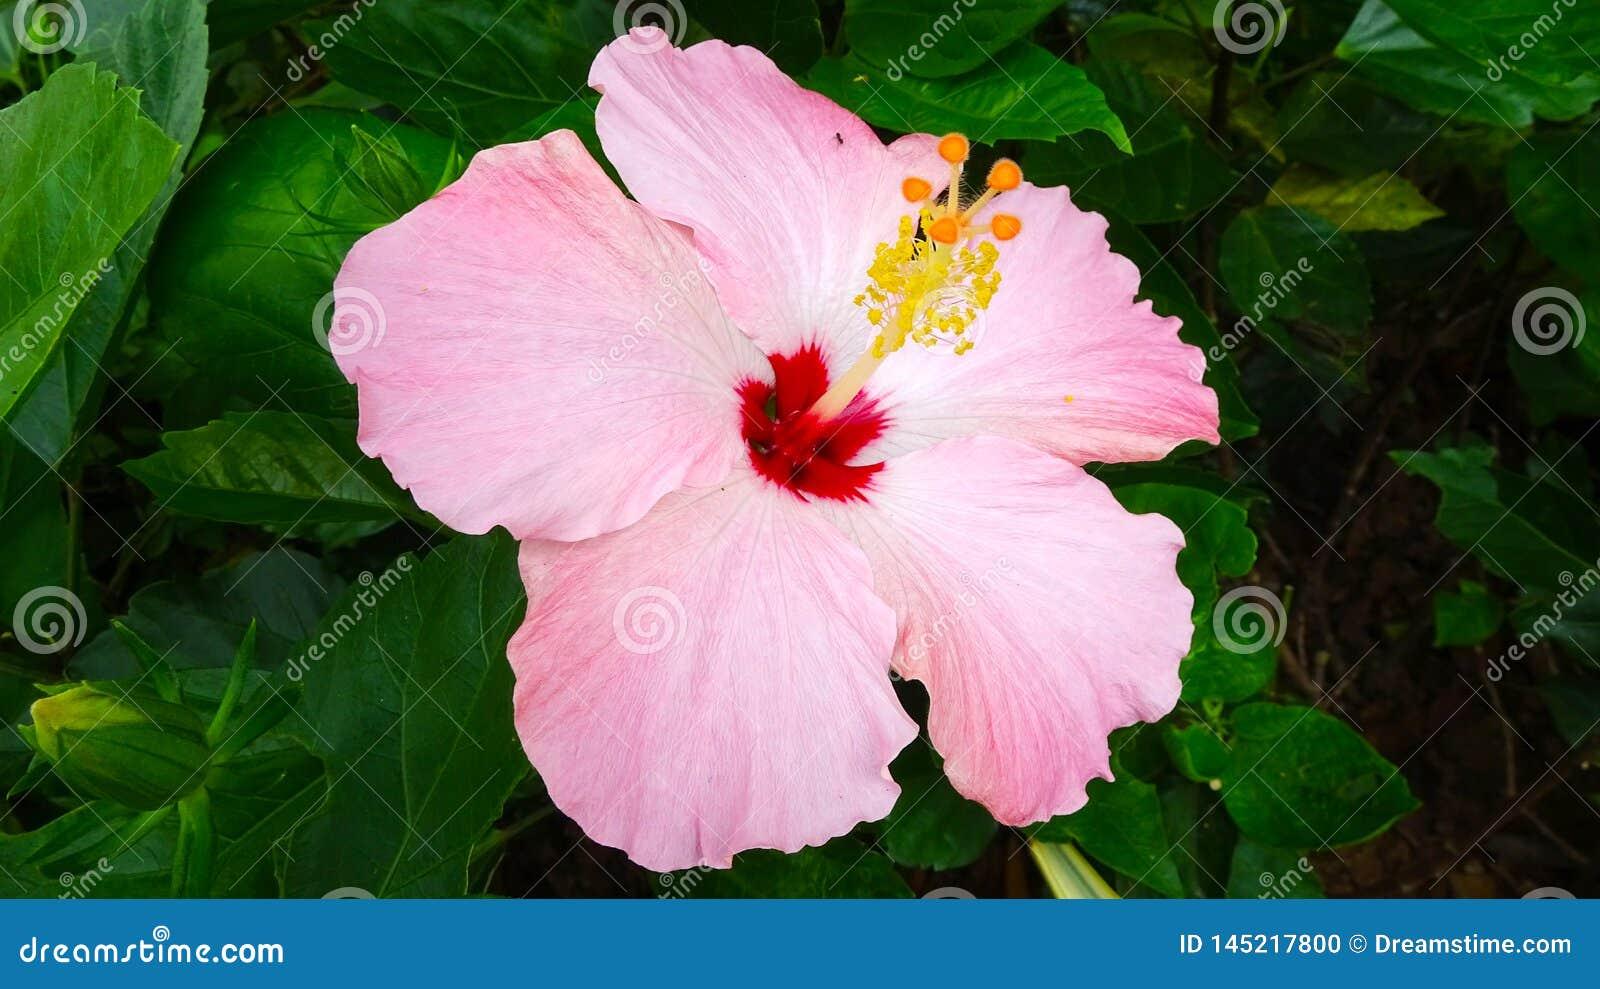 Это красивая китайская роза